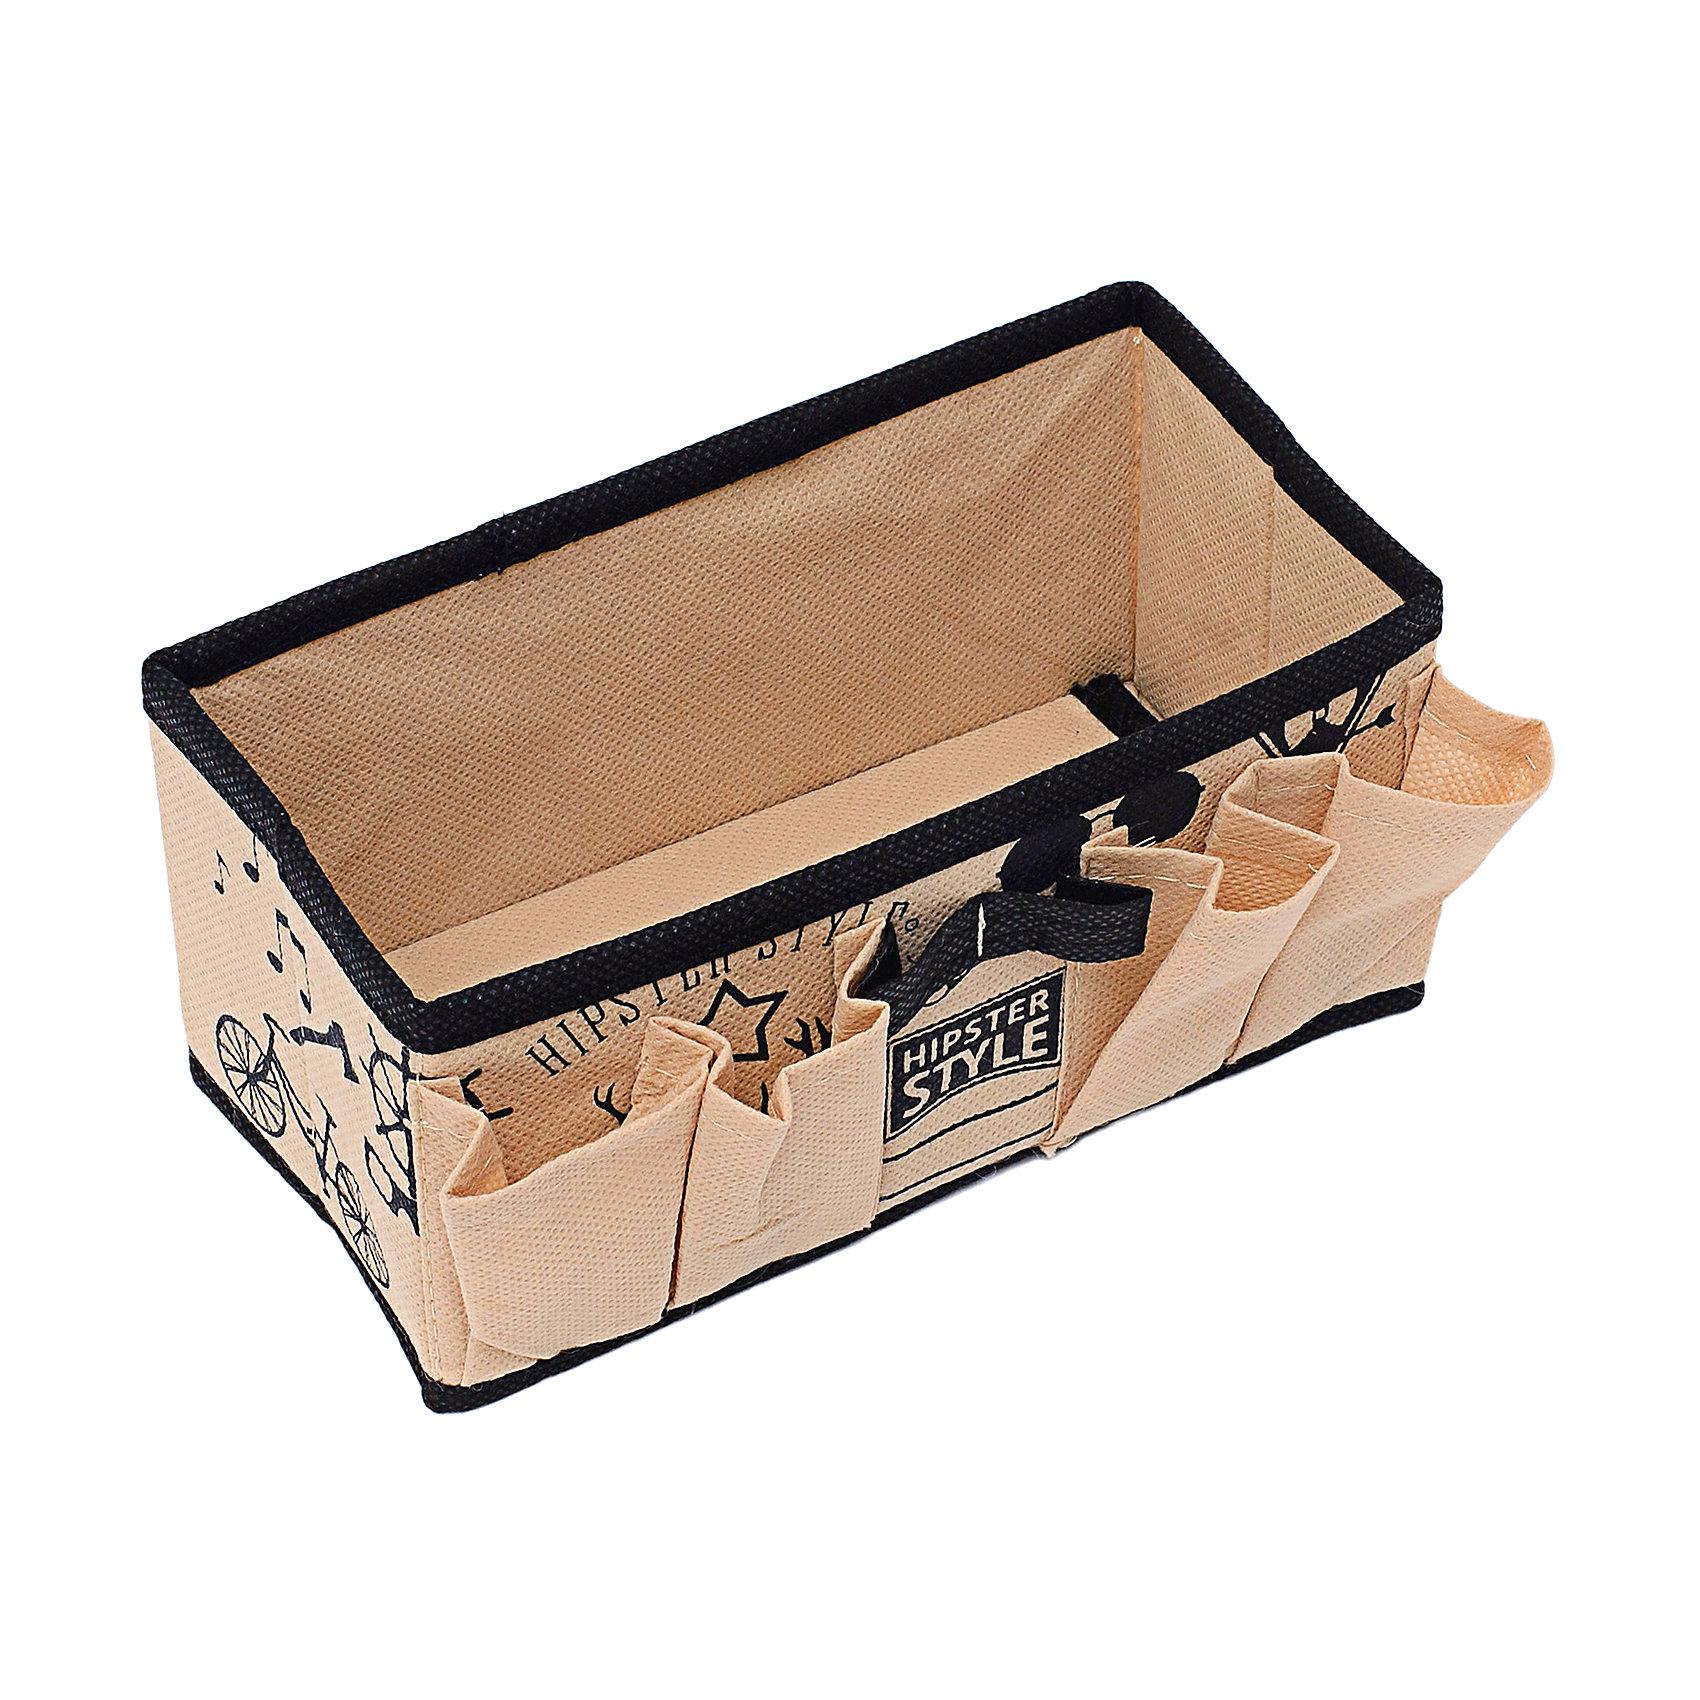 Органайзер для украшений и мелочей (20*10*10) Hipster Style, HomsuОрганайзеры для одежды<br>Характеристики товара:<br><br>• цвет: бежевый<br>• материал: полиэстер, картон<br>• размер: 20х10х10 см<br>• вес: 100 г<br>• легкий прочный каркас<br>• обеспечивает естественную вентиляцию<br>• вместимость: 5 отделений<br>• страна бренда: Россия<br>• страна изготовитель: Китай<br><br>Органайзер для украшений и мелочей Hipster Style от бренда Homsu (Хомсу) - очень удобная вещь для хранения вещей и эргономичной организации пространства.<br><br>Предмет легкий, устойчивый, вместительный, обеспечивает естественную вентиляцию.<br><br>Органайзер для украшений и мелочей (20*10*10) Hipster Style, Homsu можно купить в нашем интернет-магазине.<br><br>Ширина мм: 200<br>Глубина мм: 100<br>Высота мм: 20<br>Вес г: 100<br>Возраст от месяцев: 216<br>Возраст до месяцев: 1188<br>Пол: Унисекс<br>Возраст: Детский<br>SKU: 5620134